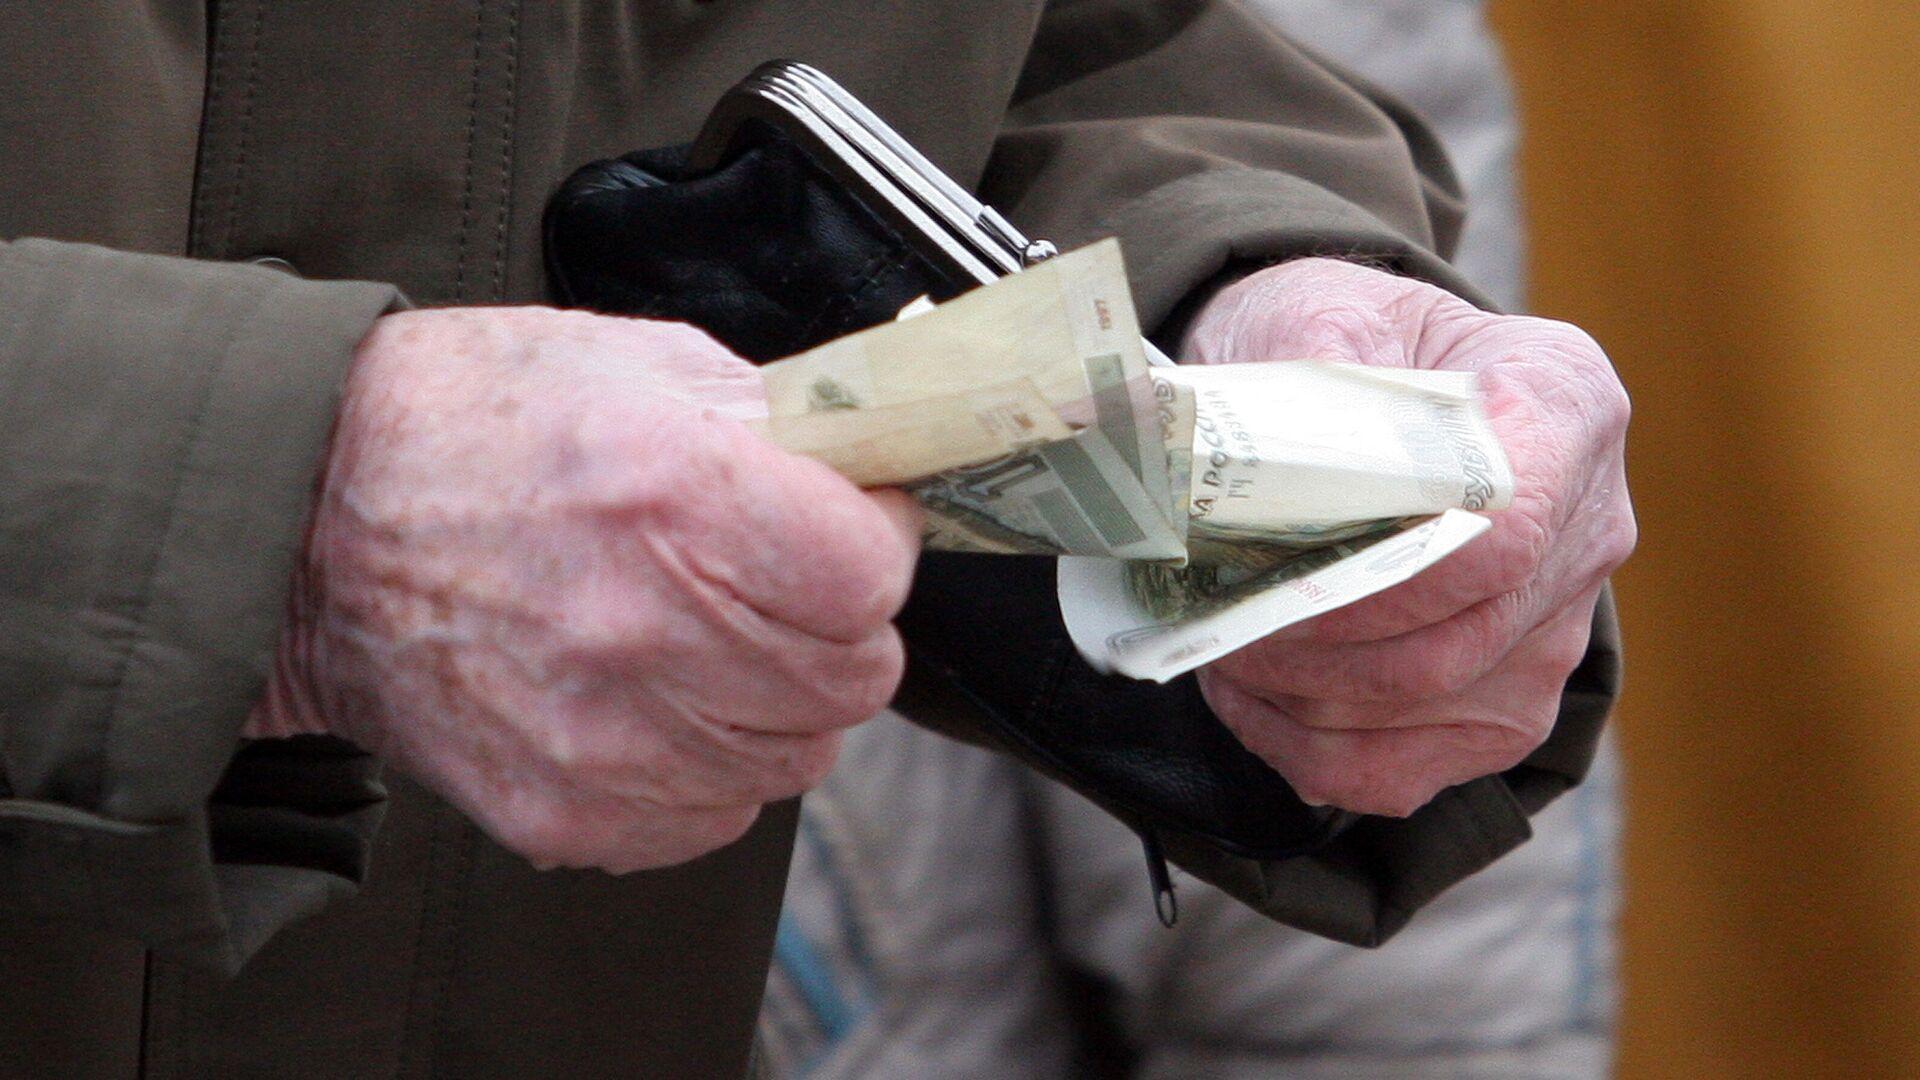 Пенсионер держит в руках кошелек и деньги - РИА Новости, 1920, 12.09.2021